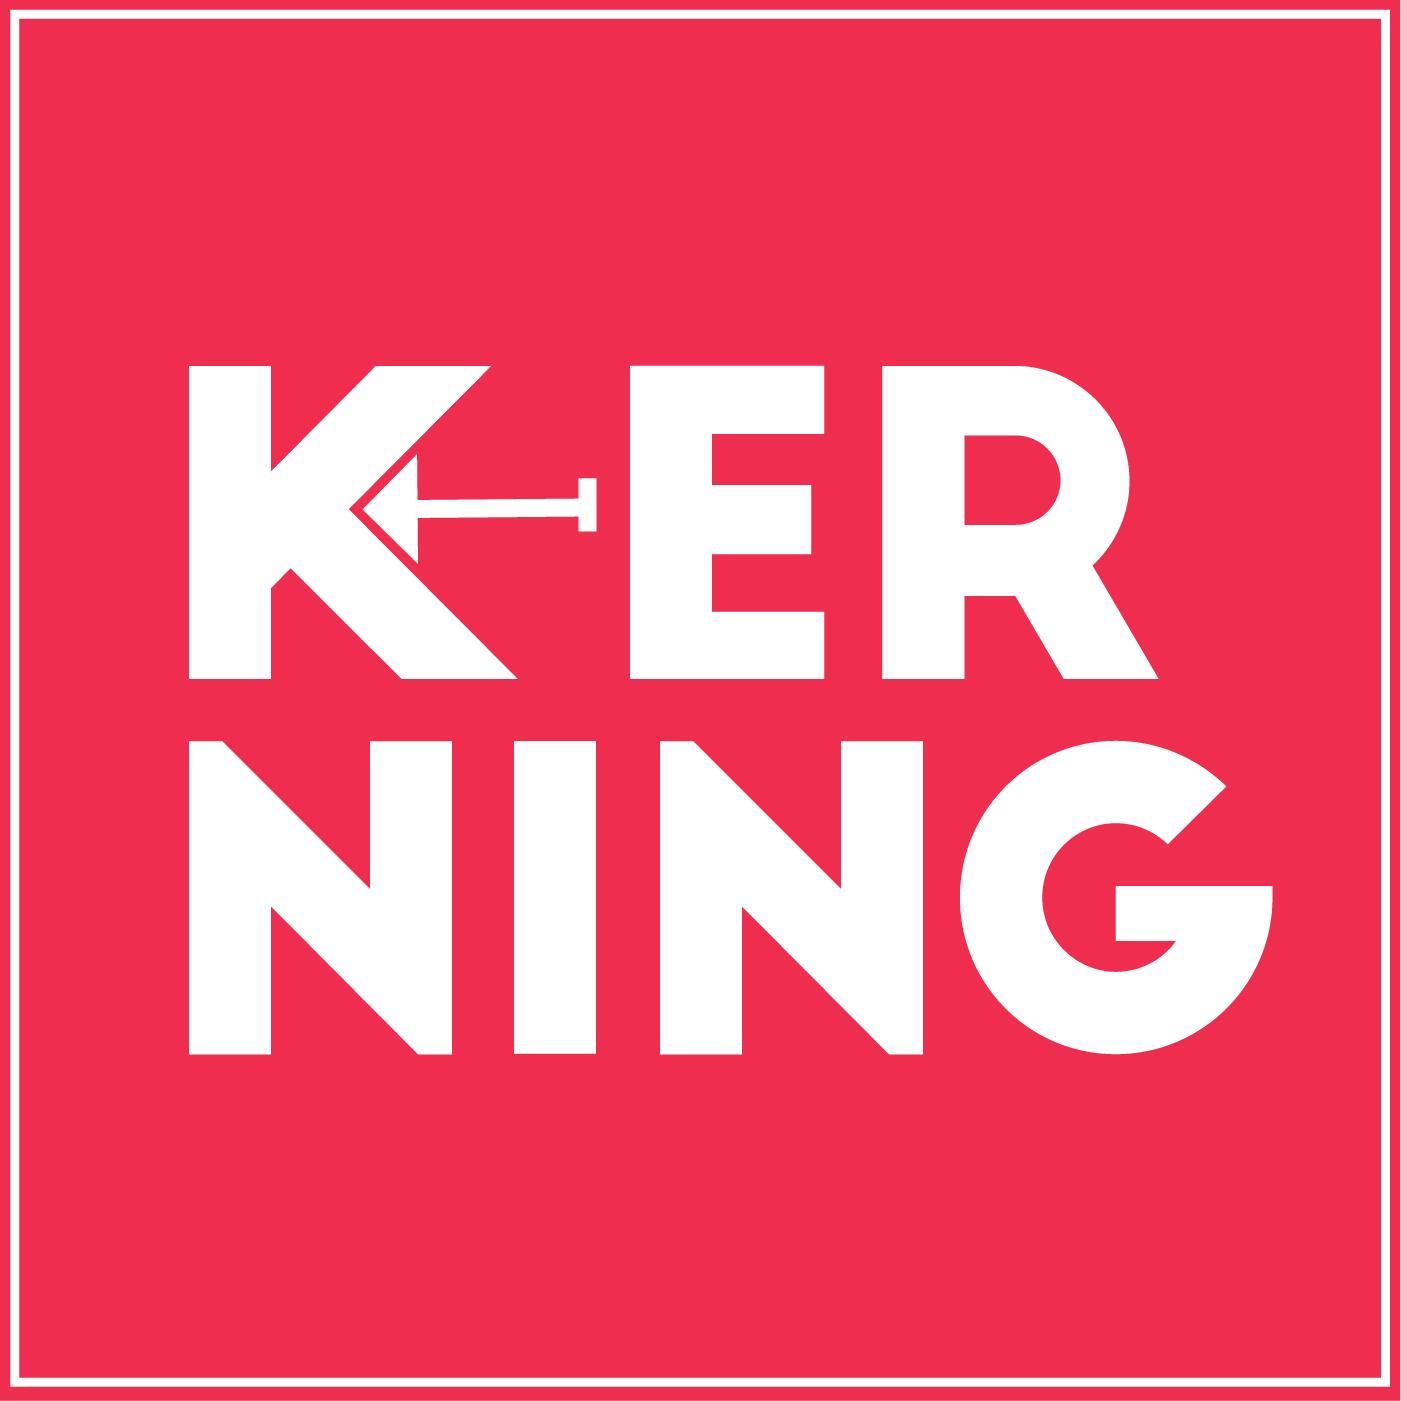 Kerning.png